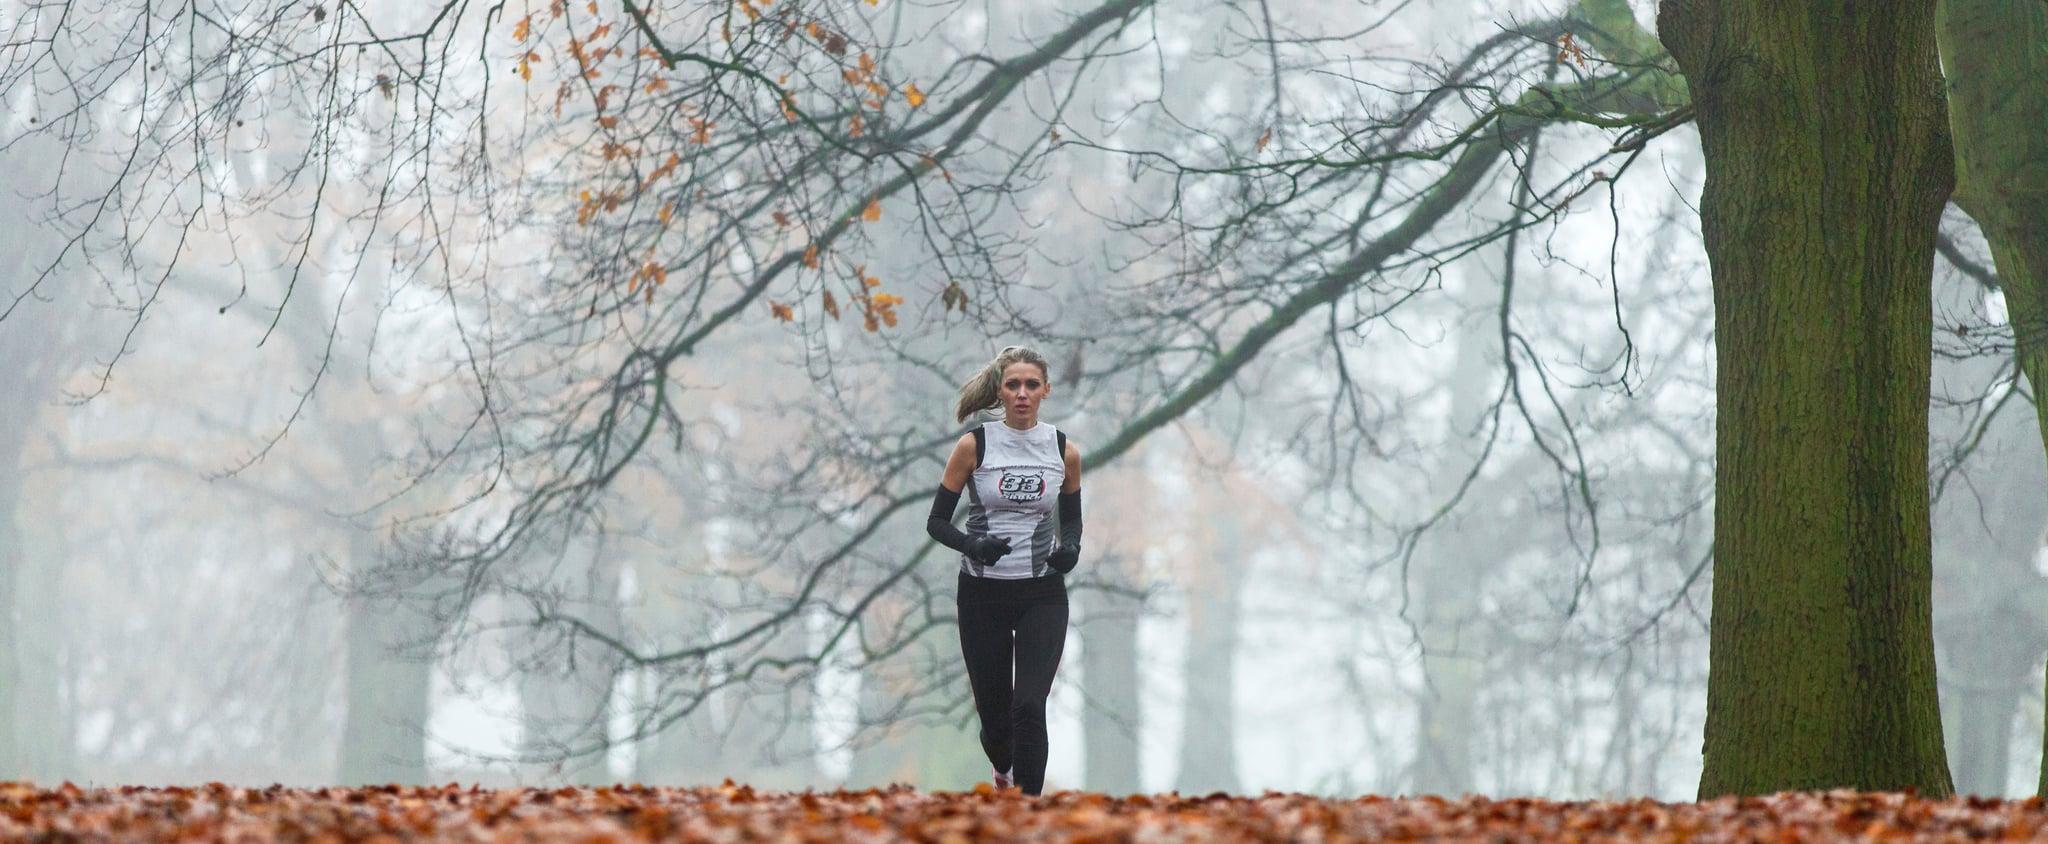 أديداس تُعيد إطلاق حملة اركض لأجل المحيطات 2019